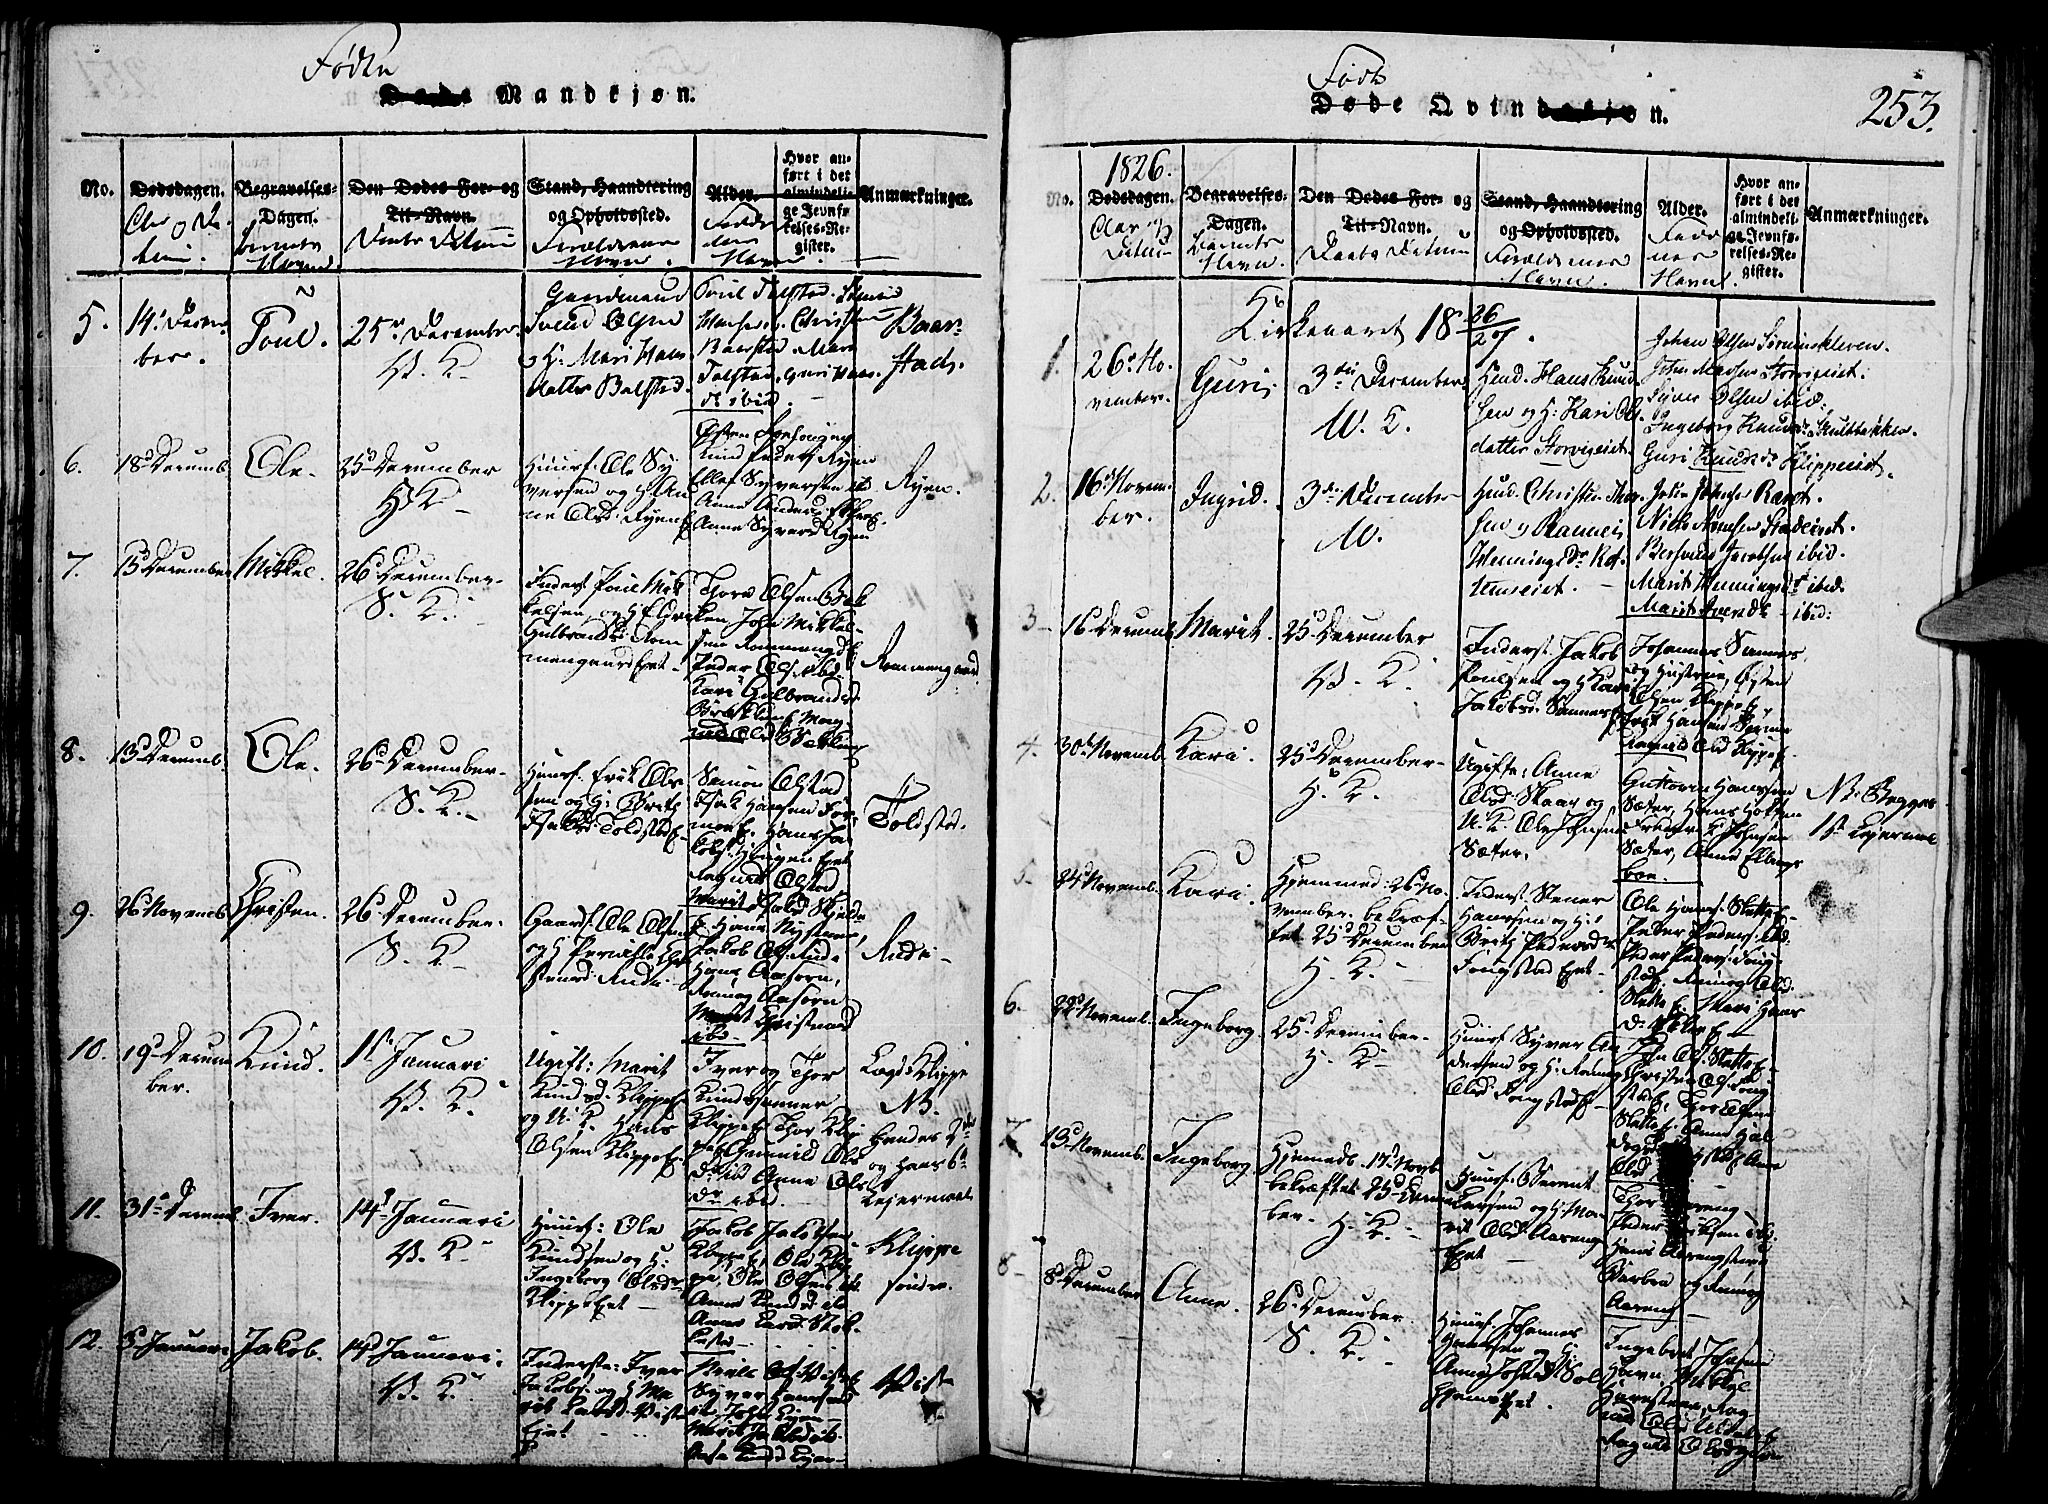 SAH, Vågå prestekontor, Klokkerbok nr. 1, 1815-1827, s. 252-253